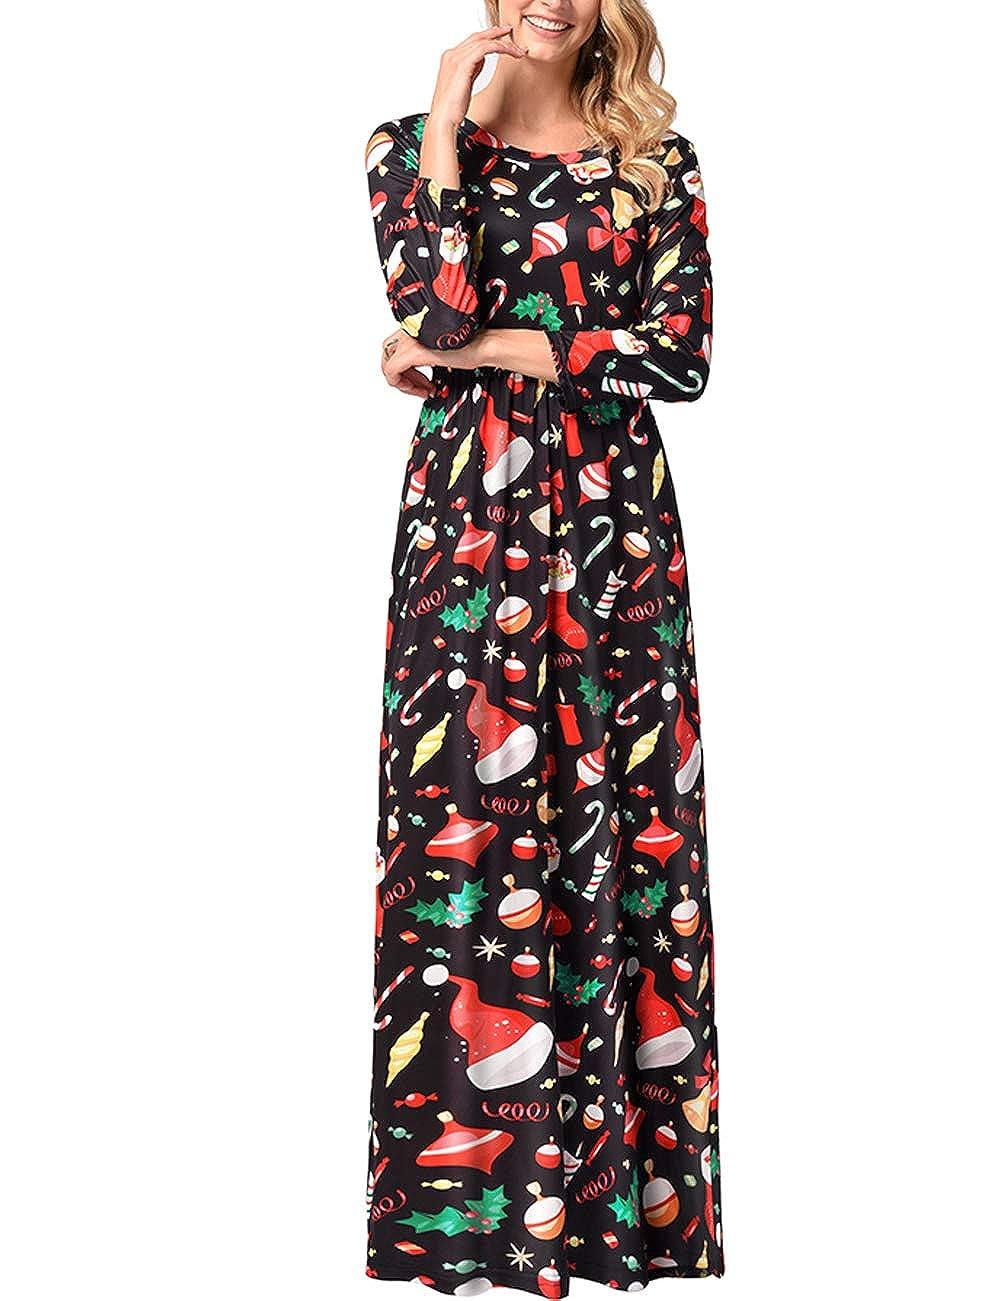 TALLA 3XL=ES 50-52. FeelinGirl Mujeres Vestido Largo Estampado Floral de Fiesta Navidad Falda Maxi de Manga Larga Nochebuena Multicolor-04 3XL=ES 50-52